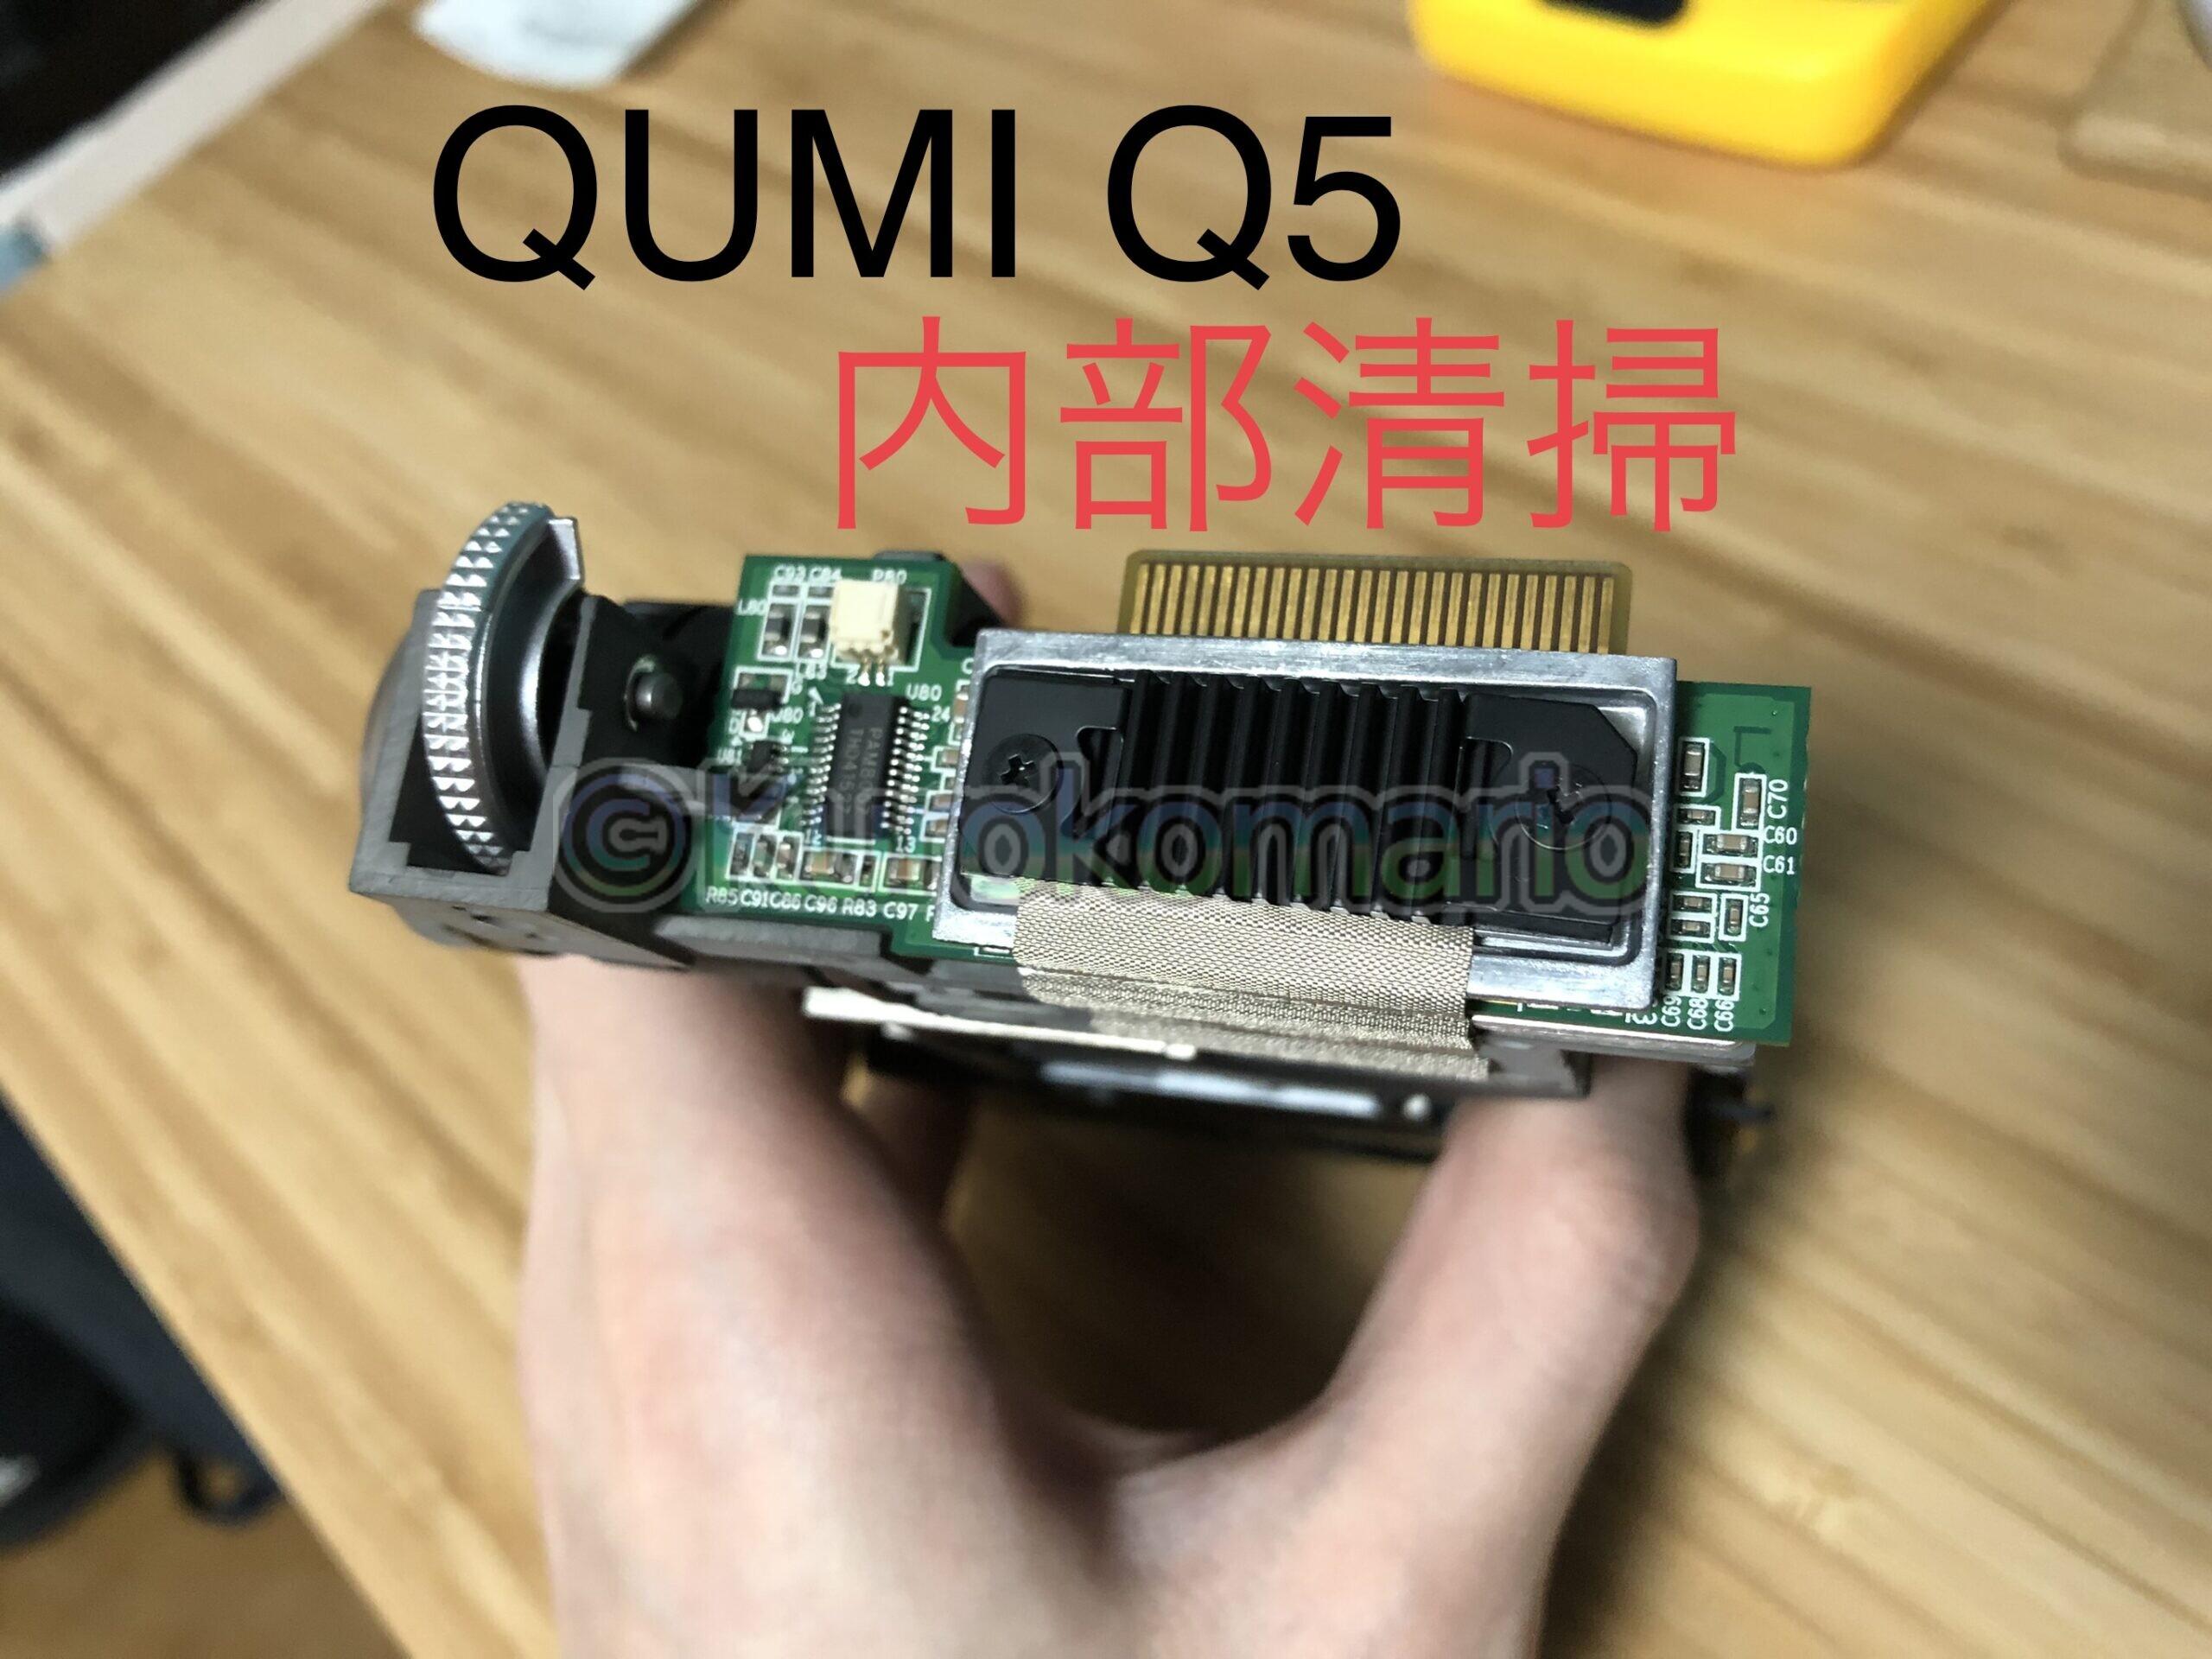 【分解】QUMI Q5を分解清掃